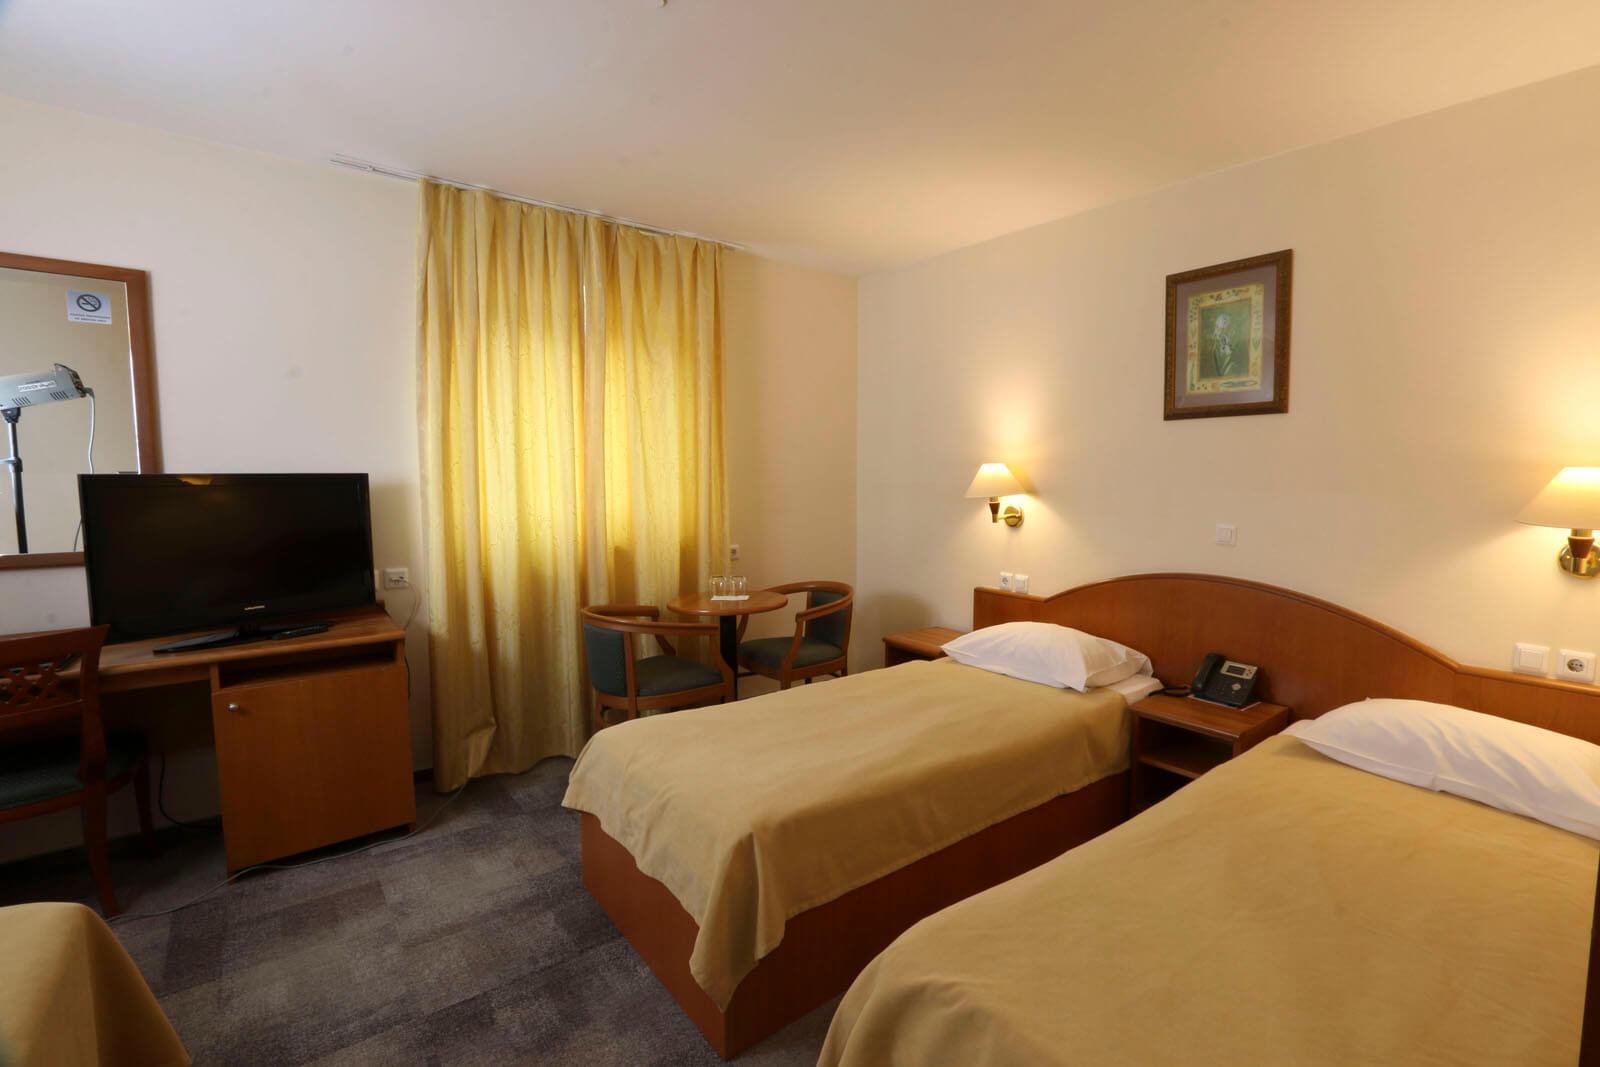 Mantova_hotelIMG_6749